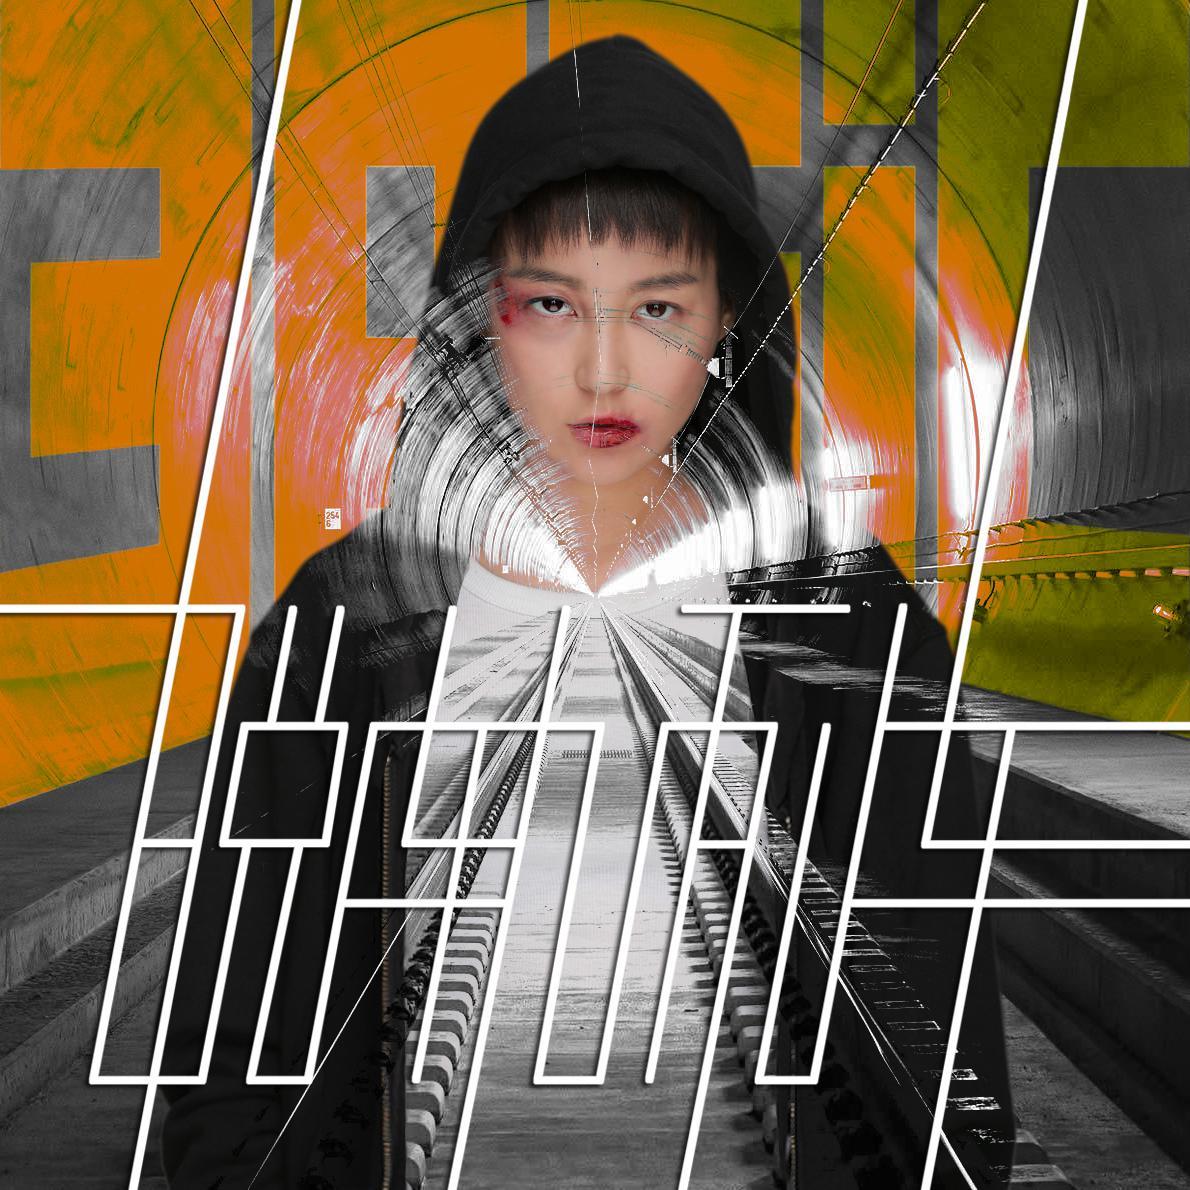 颗粒+-+李林+(produced+by+groovemiki)